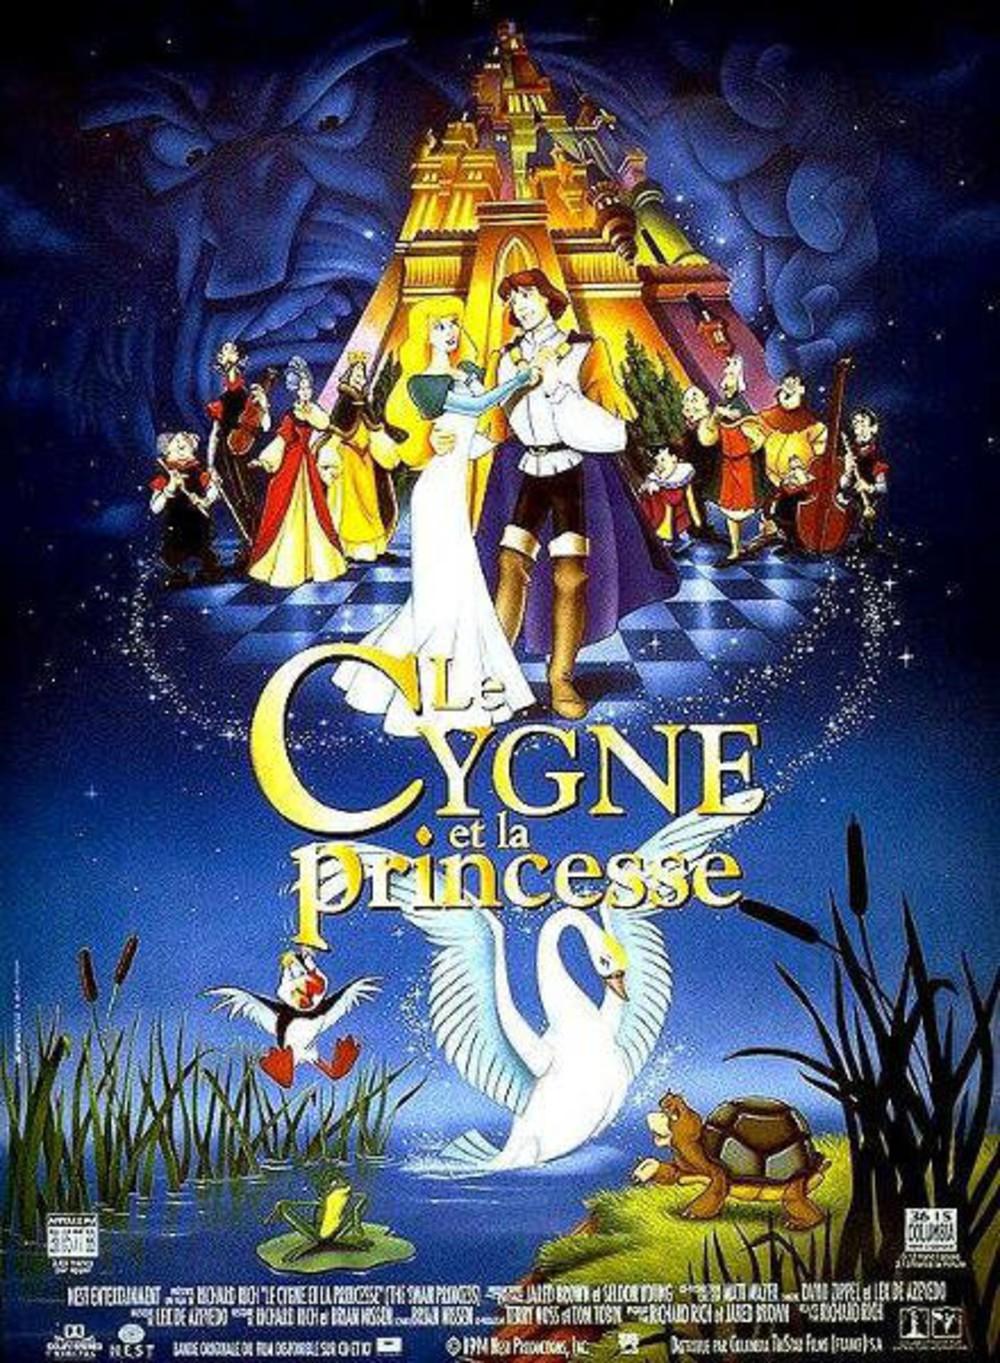 affiche du film Le cygne et la princesse